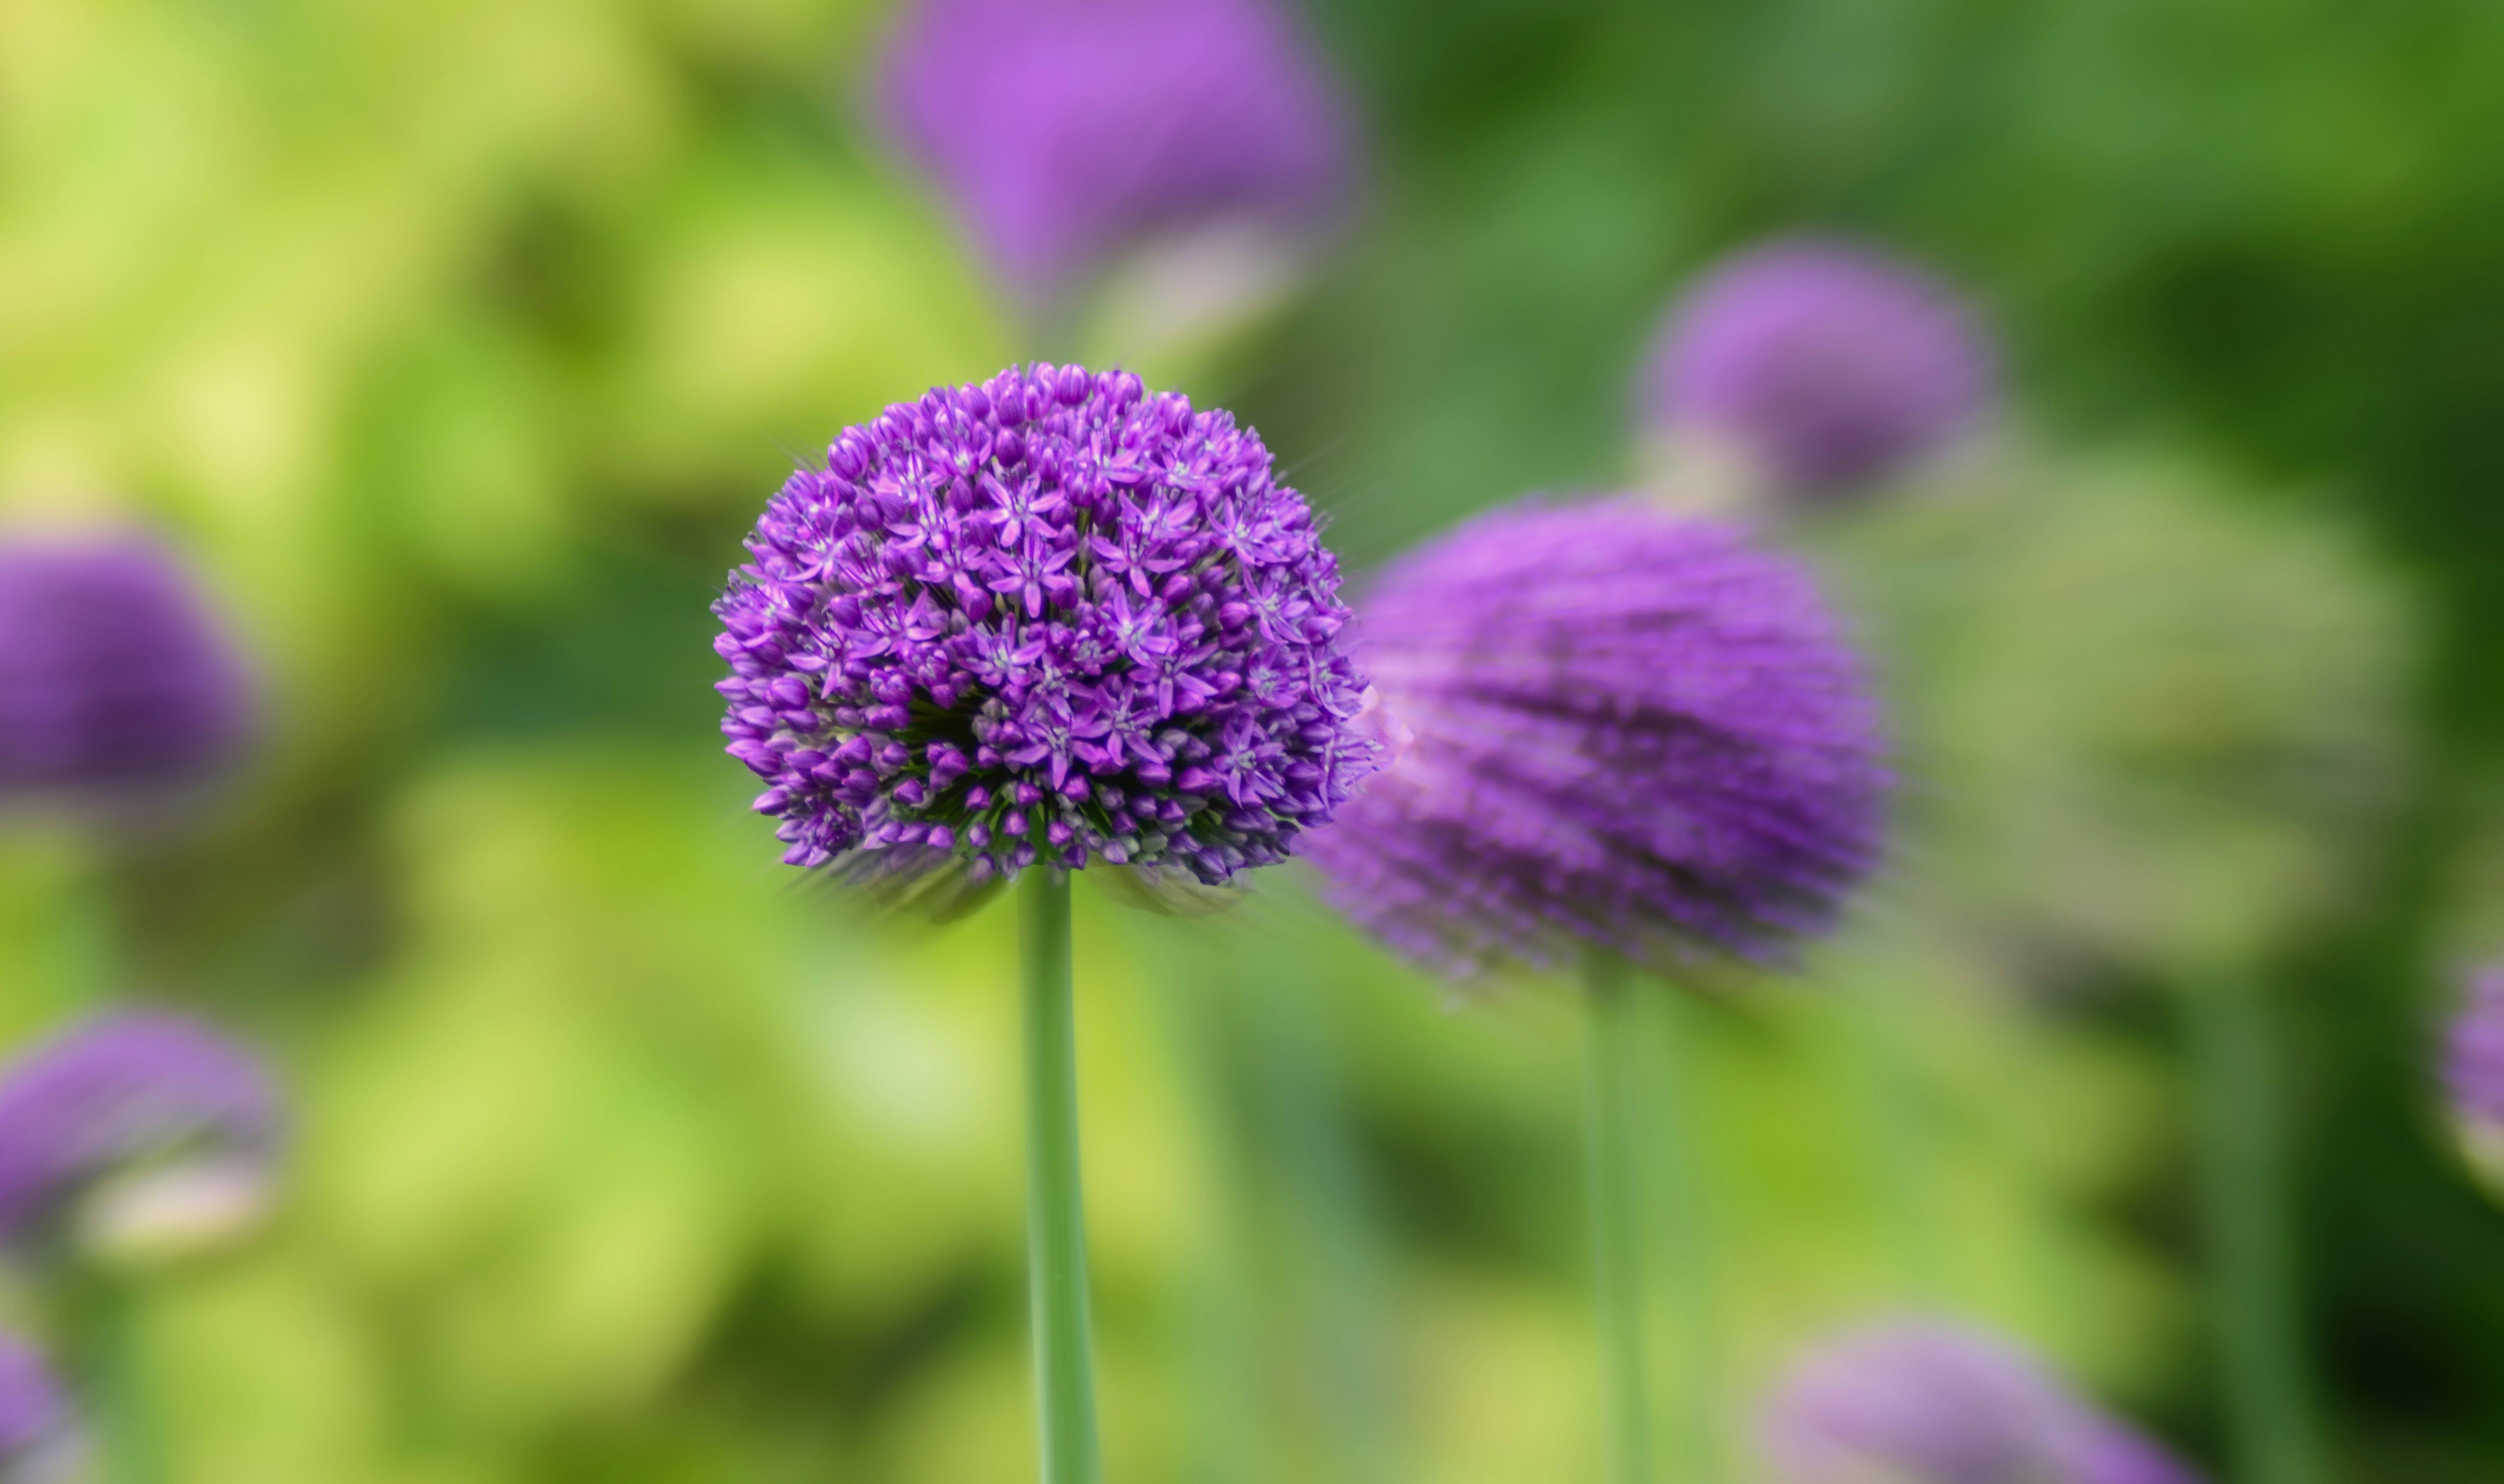 Ảnh lưu trữ miễn phí về cận cảnh, cánh hoa, cánh đồng, hệ thực vật